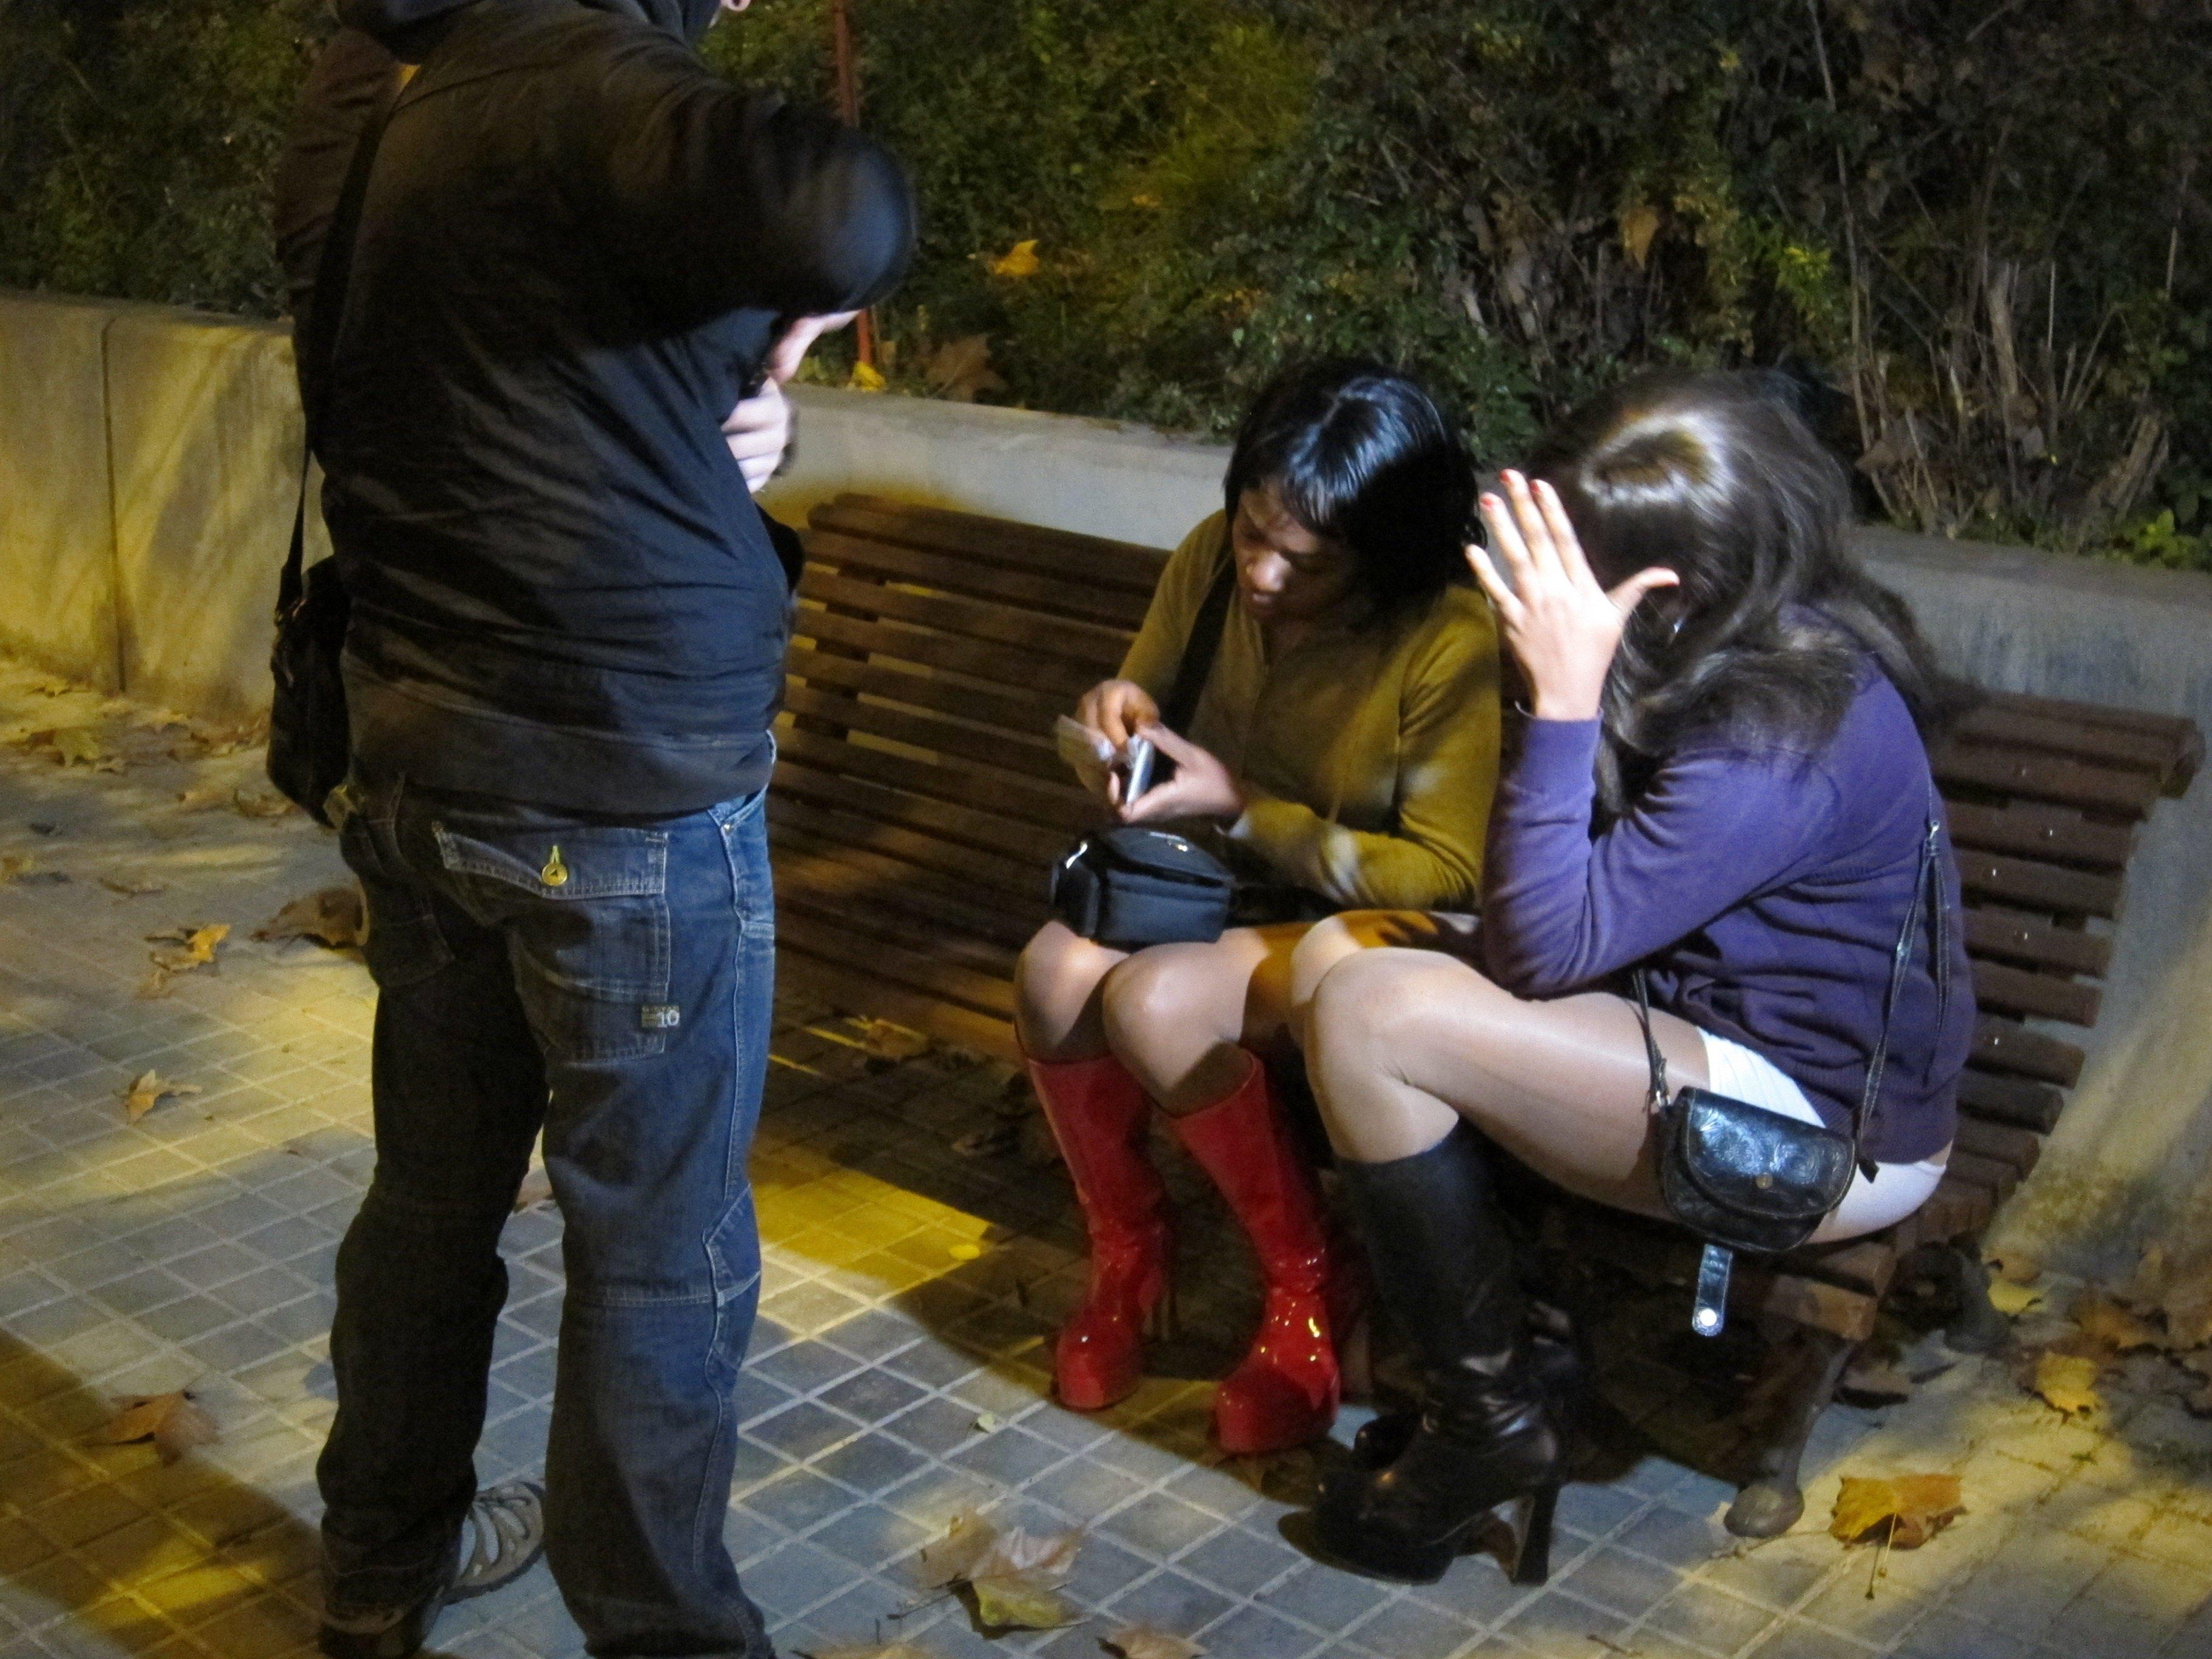 bbw prostitutas prostitutas transexuales madrid